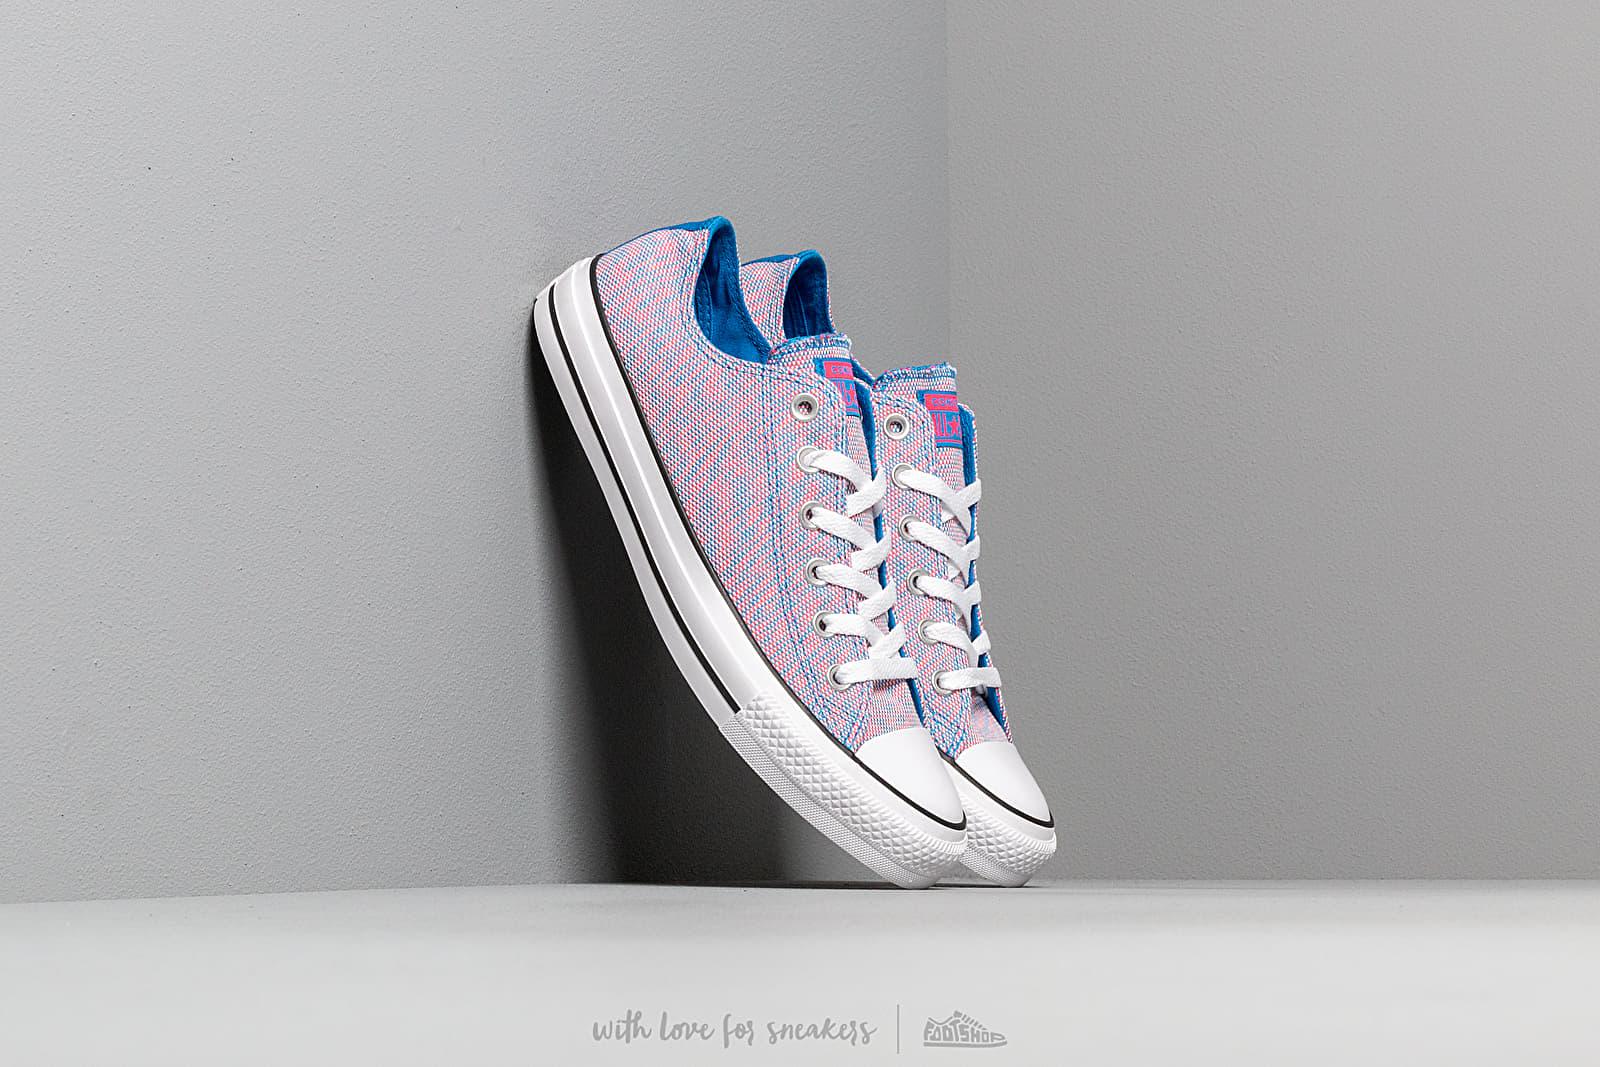 Converse Chuck Taylor All Star OX Totally Blue/ Racer Pink/ White nagyszerű árakon 25 065 Ft vásárolj a Footshopban